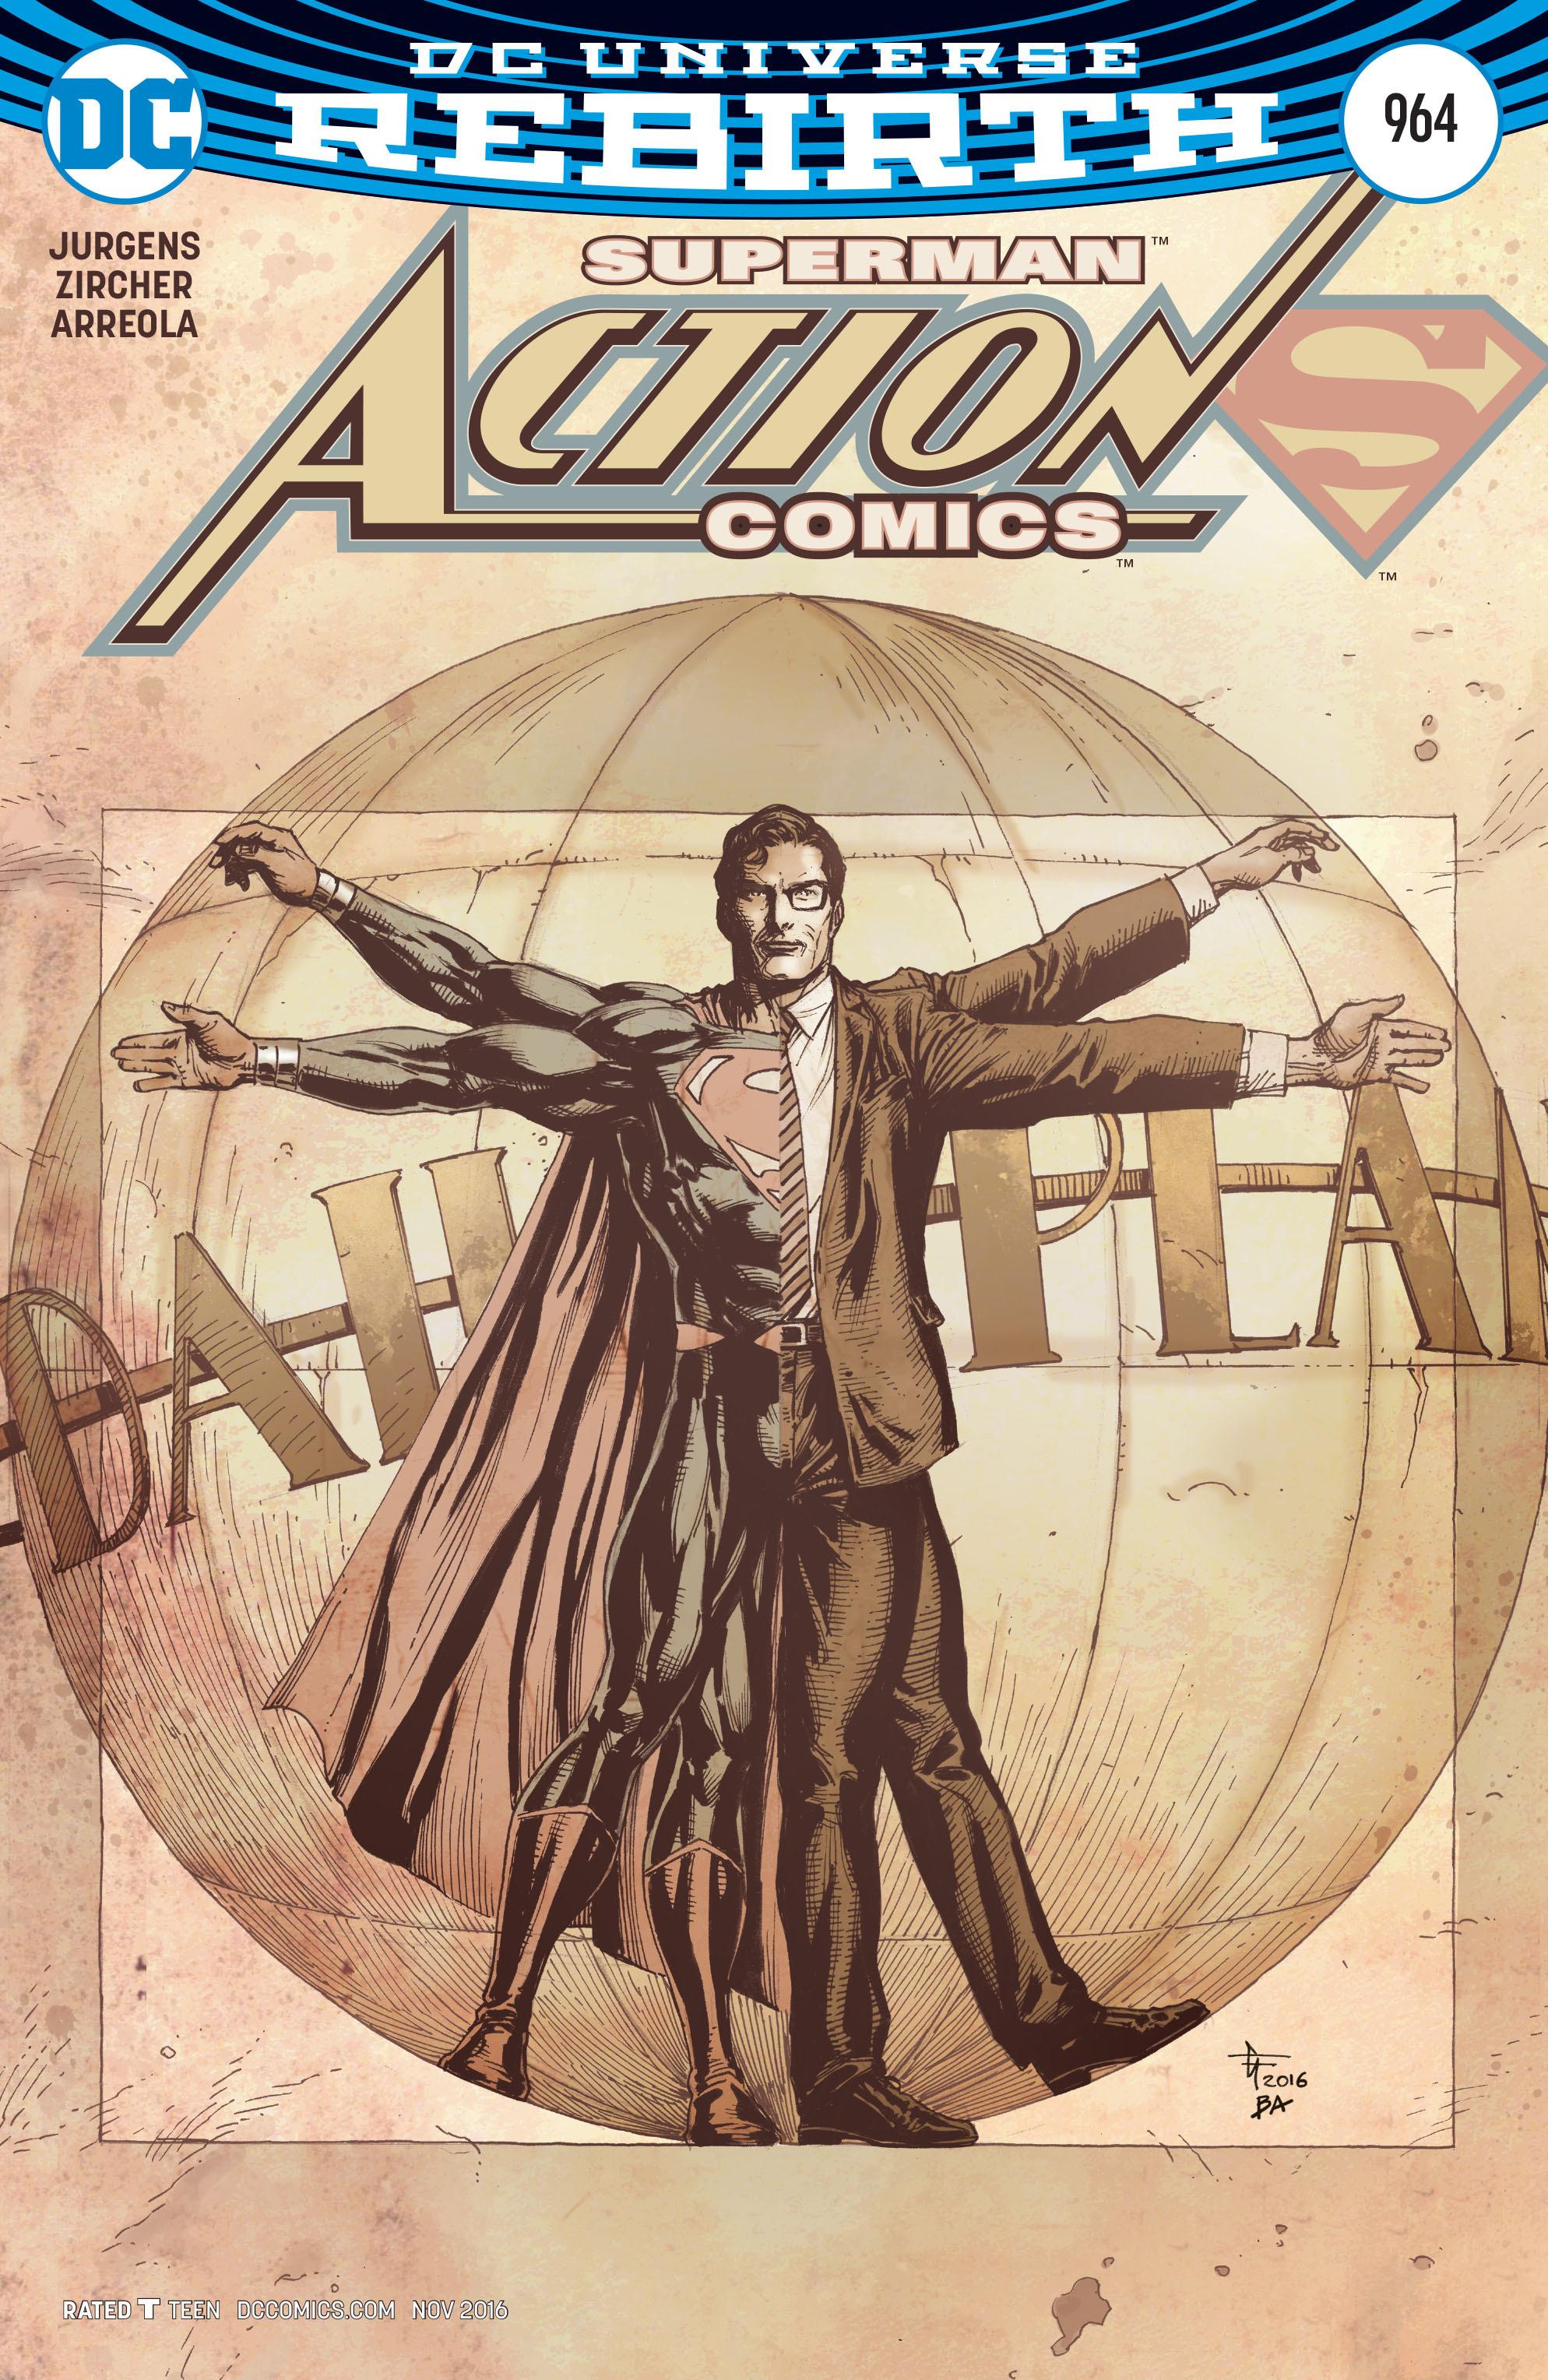 Action Comics Vol 1 964 Variant.jpg